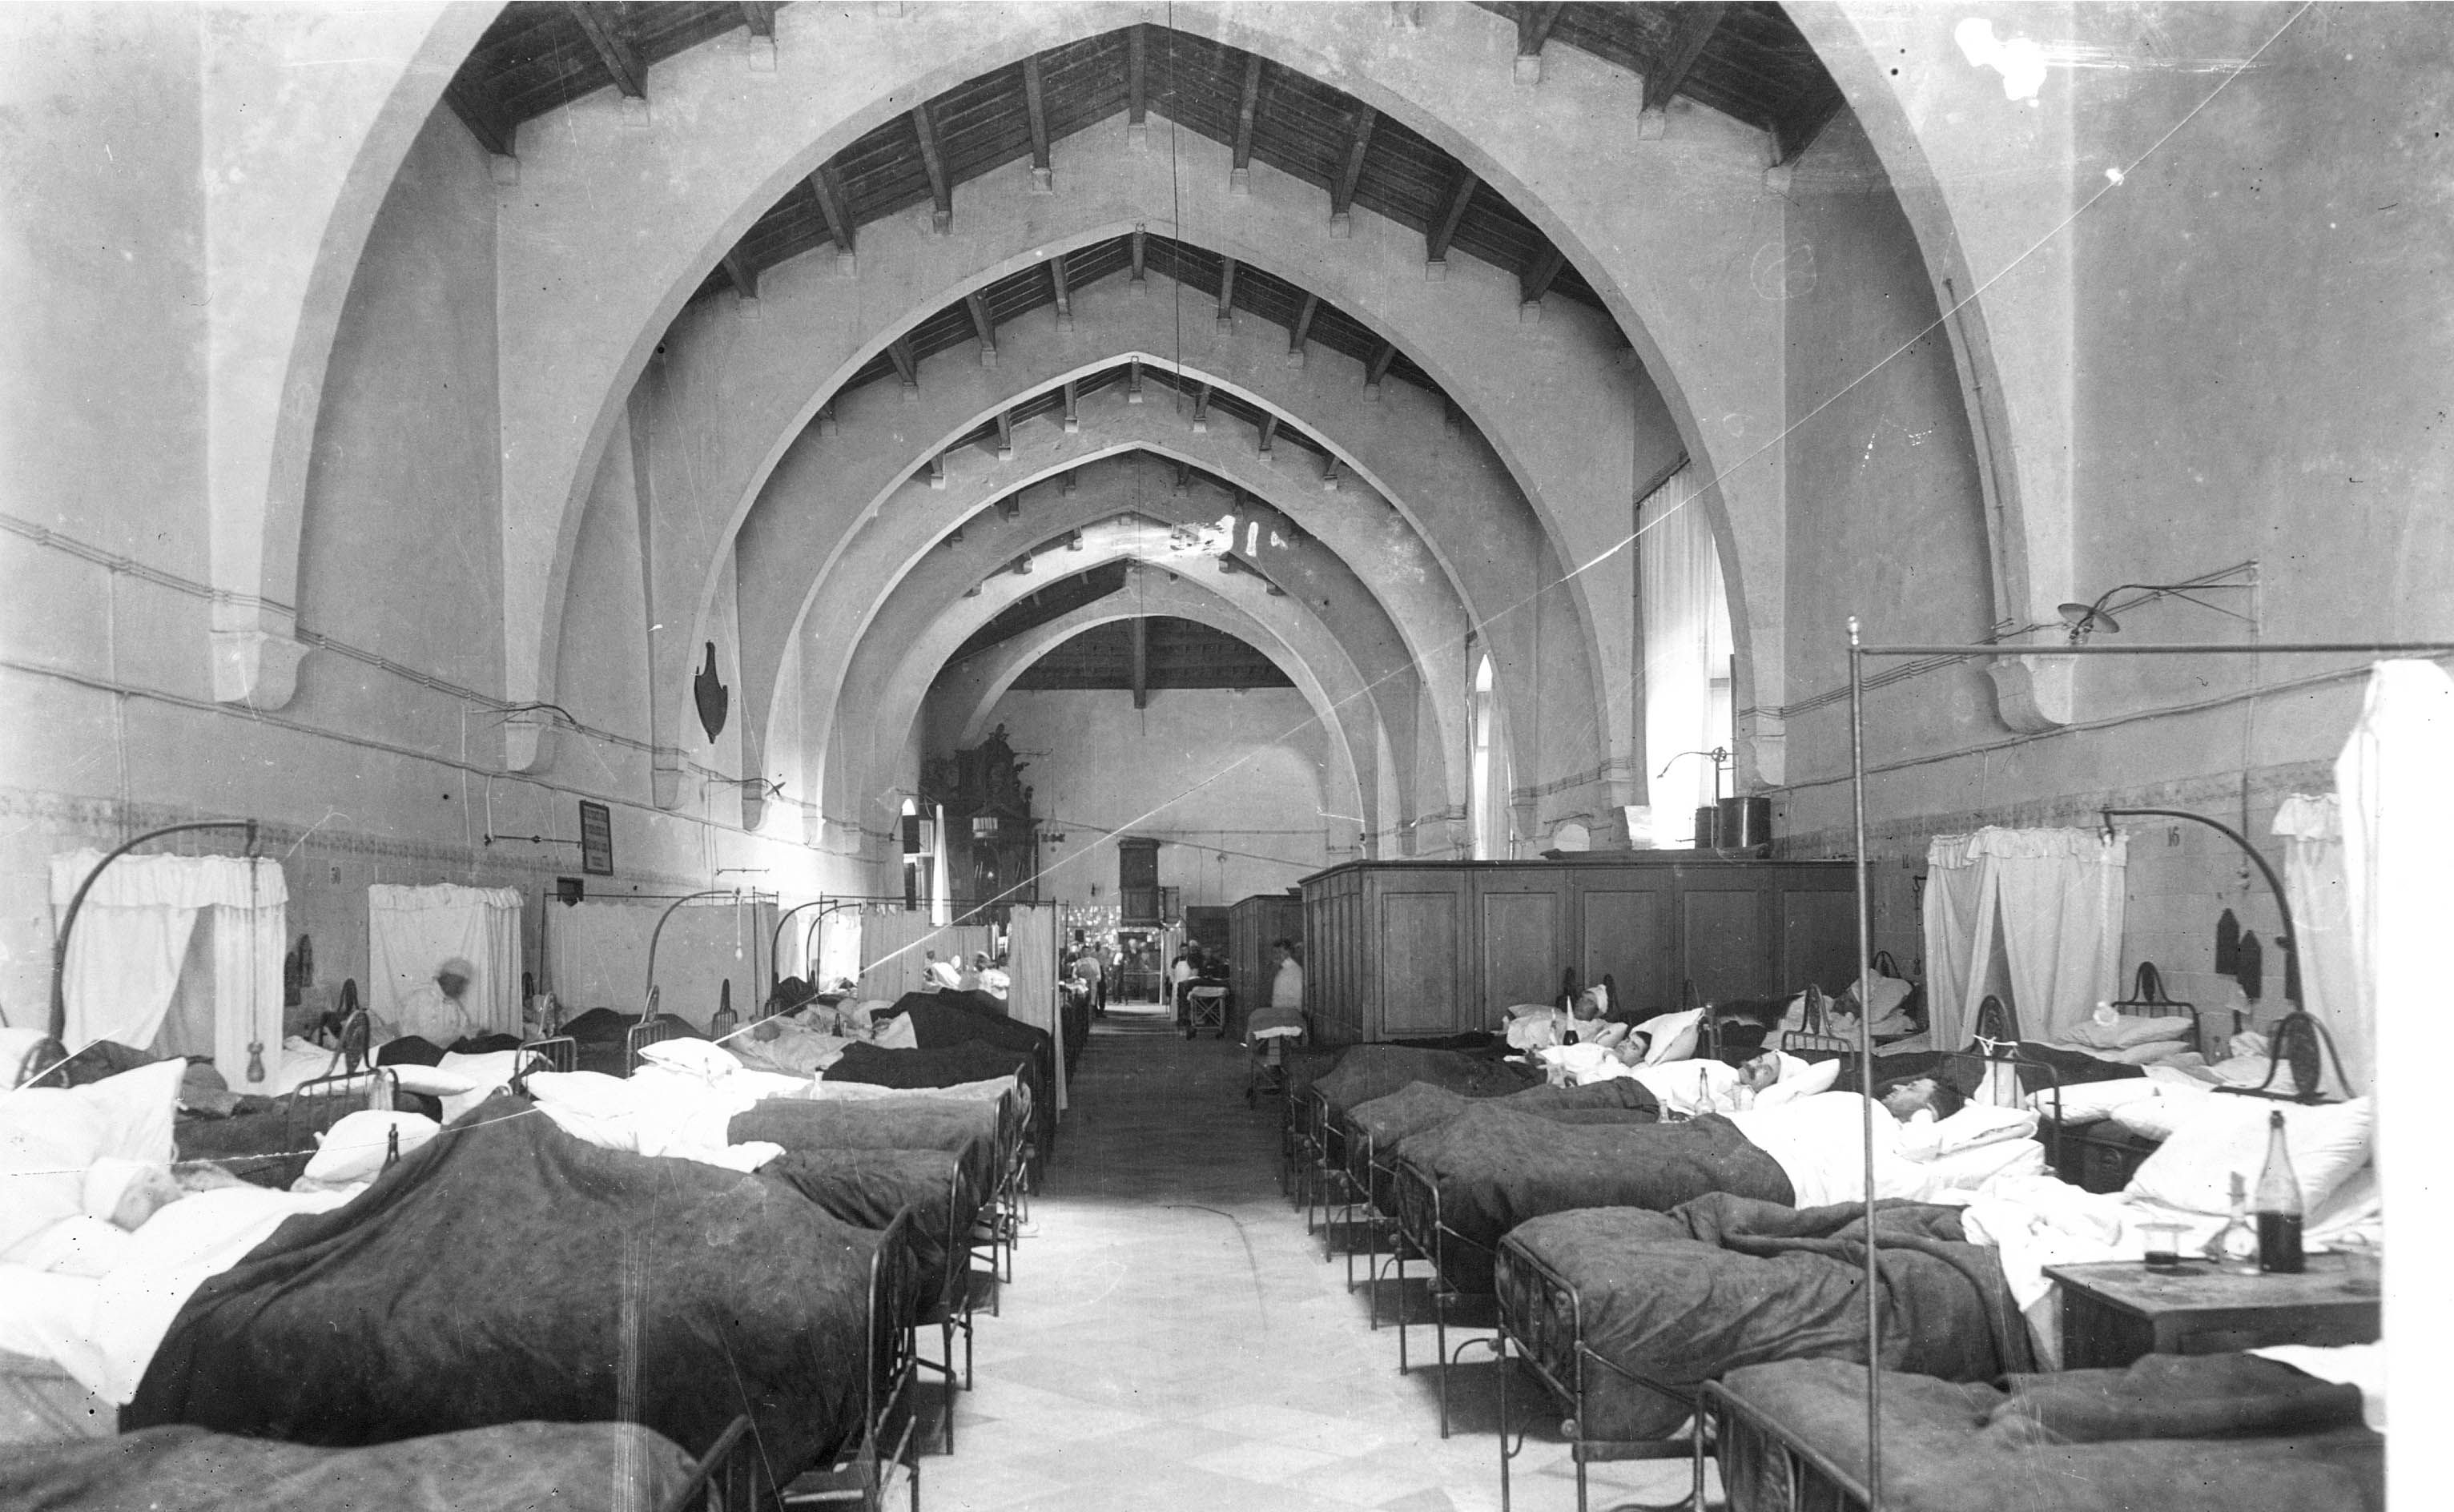 Cambra de Santa Maria (1919). Actualment, és la sala de Tramuntana. [Institut Amatller d'Art Hipànic]. Procedència: Arxiu històric de l'Antic Hospital. Biblioteca de Catalunya.